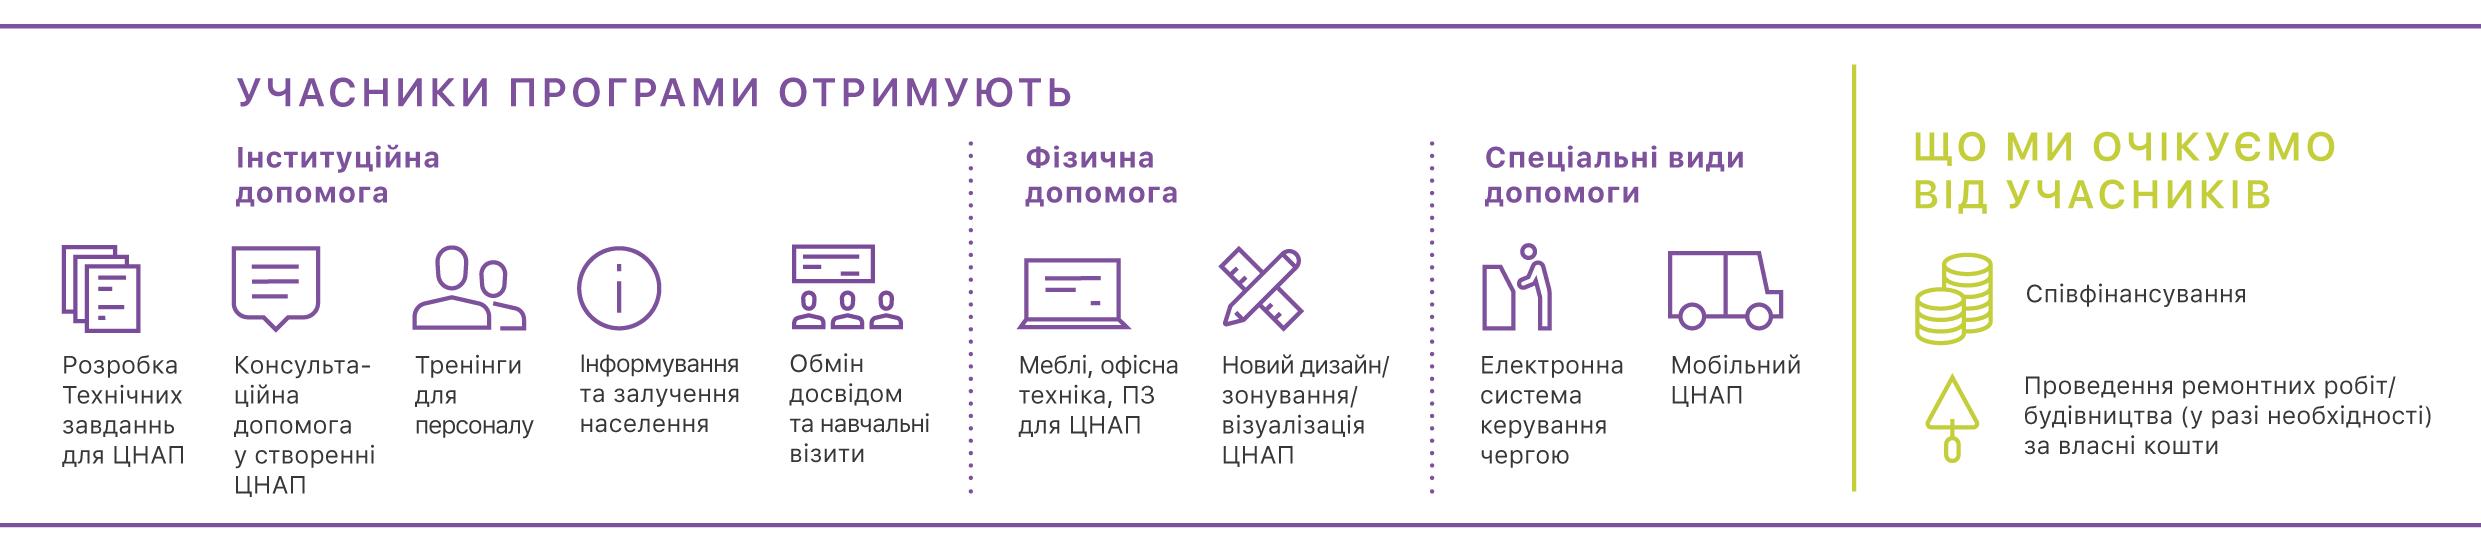 https://decentralization.gov.ua/uploads/ckeditor/pictures/1212/content_%D1%86%D0%BD%D0%B0%D0%BF.png